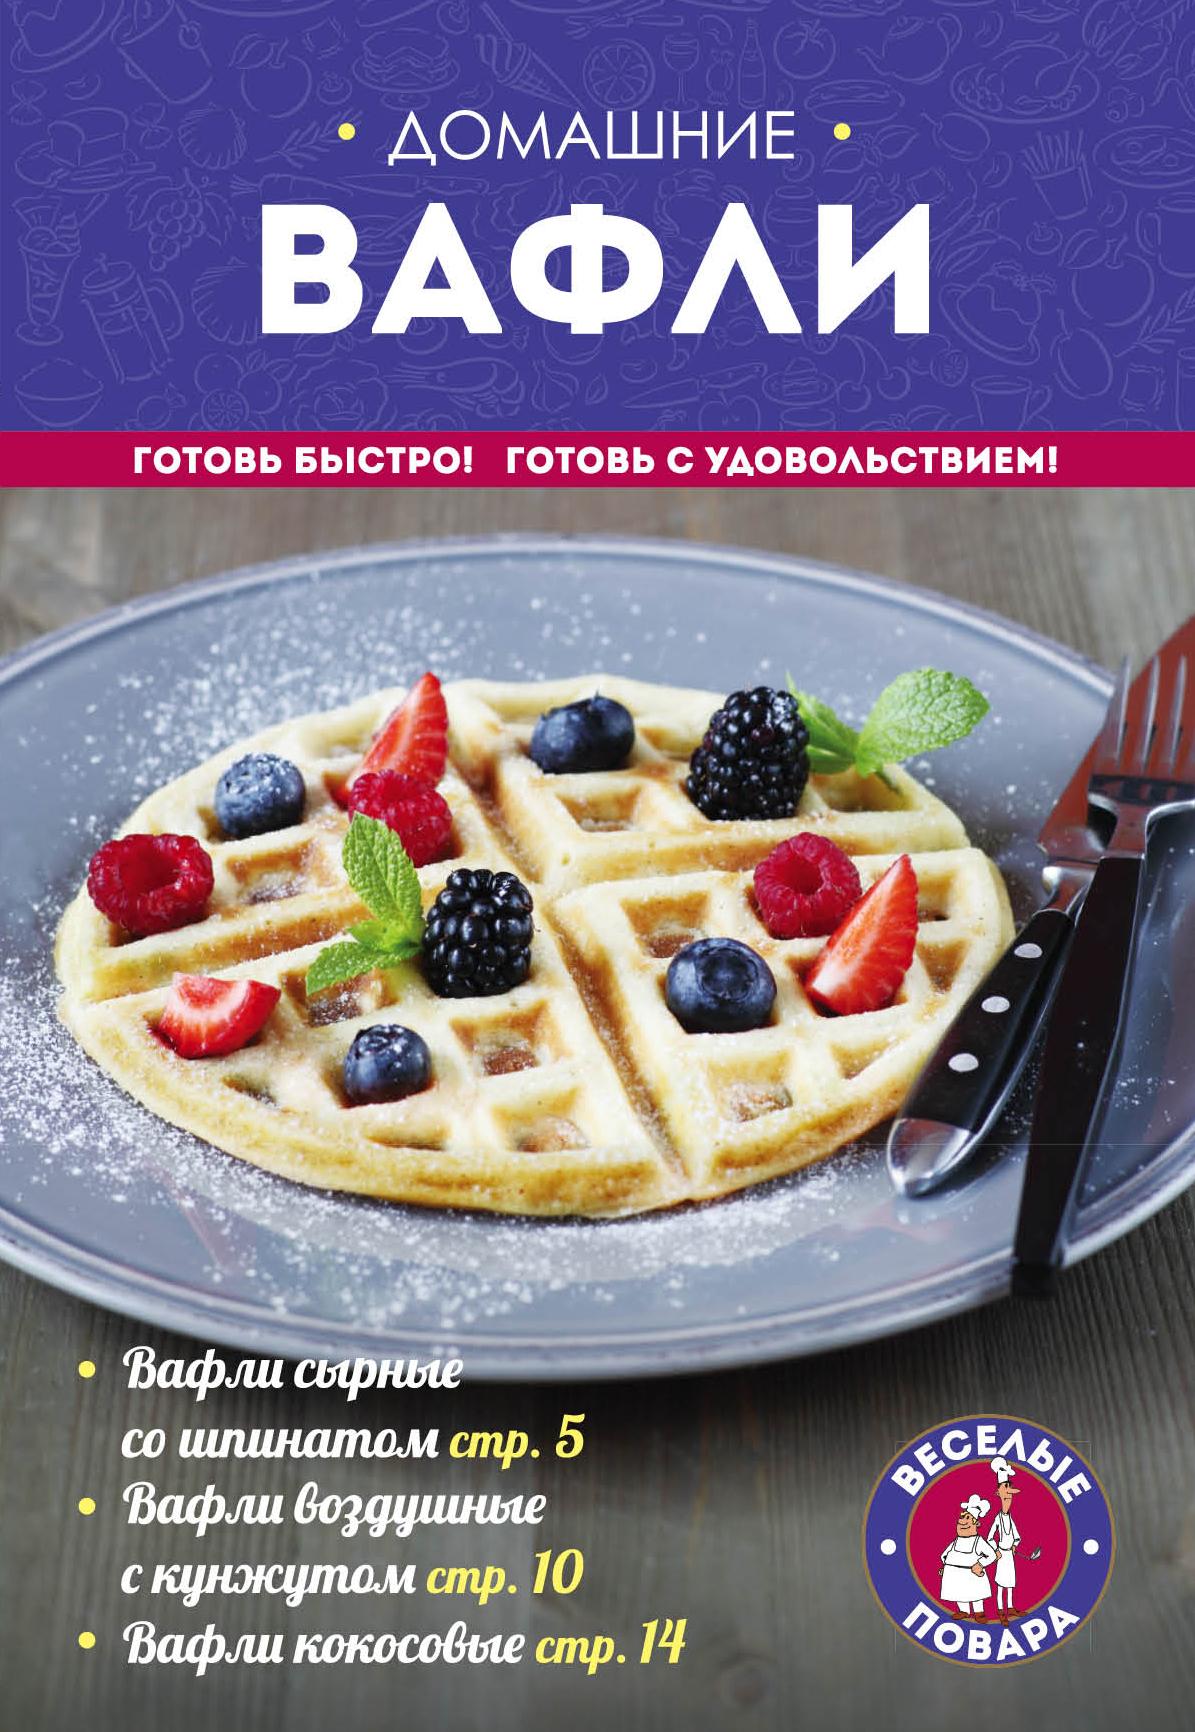 Савинова Н.А. Домашние вафли